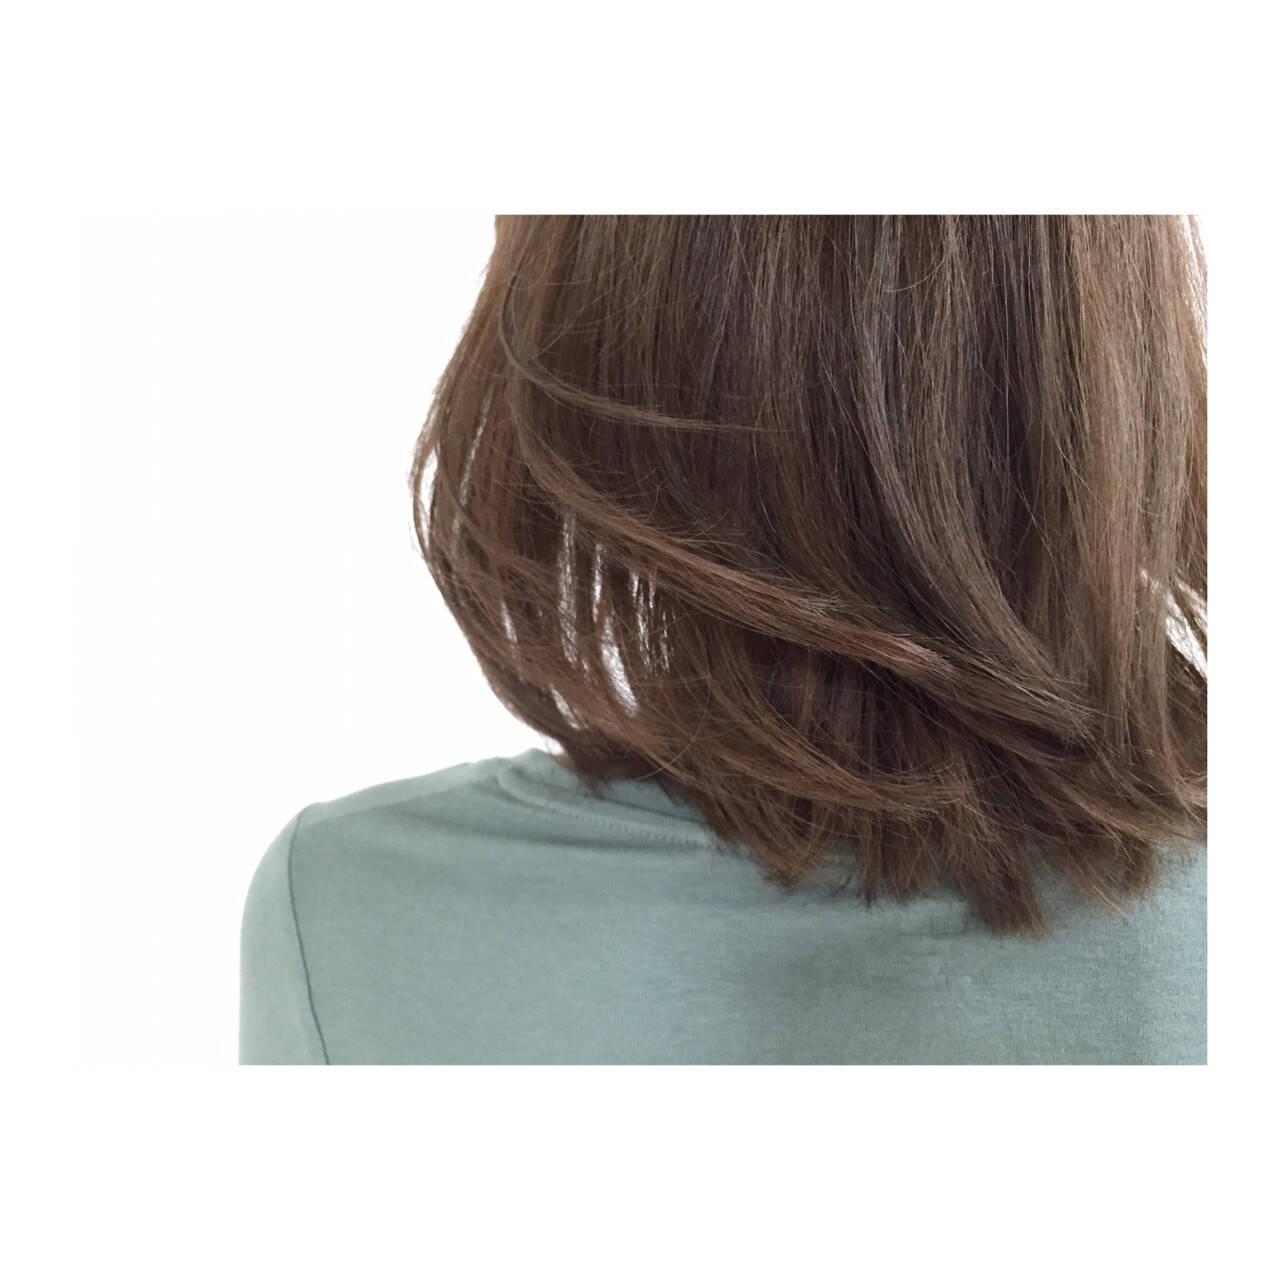 外国人風 暗髪 ボブ 大人かわいいヘアスタイルや髪型の写真・画像